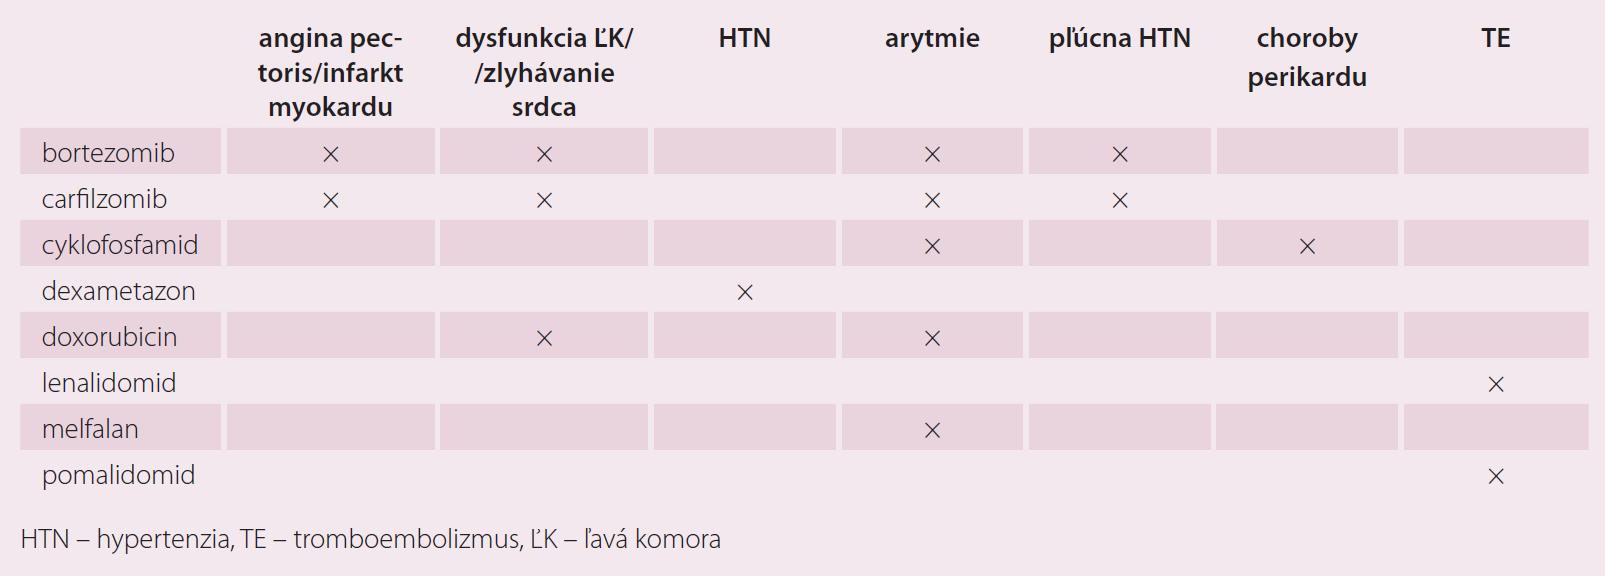 Potenciálne kardiotoxické látky v liečbe myelómu [3,8–10].